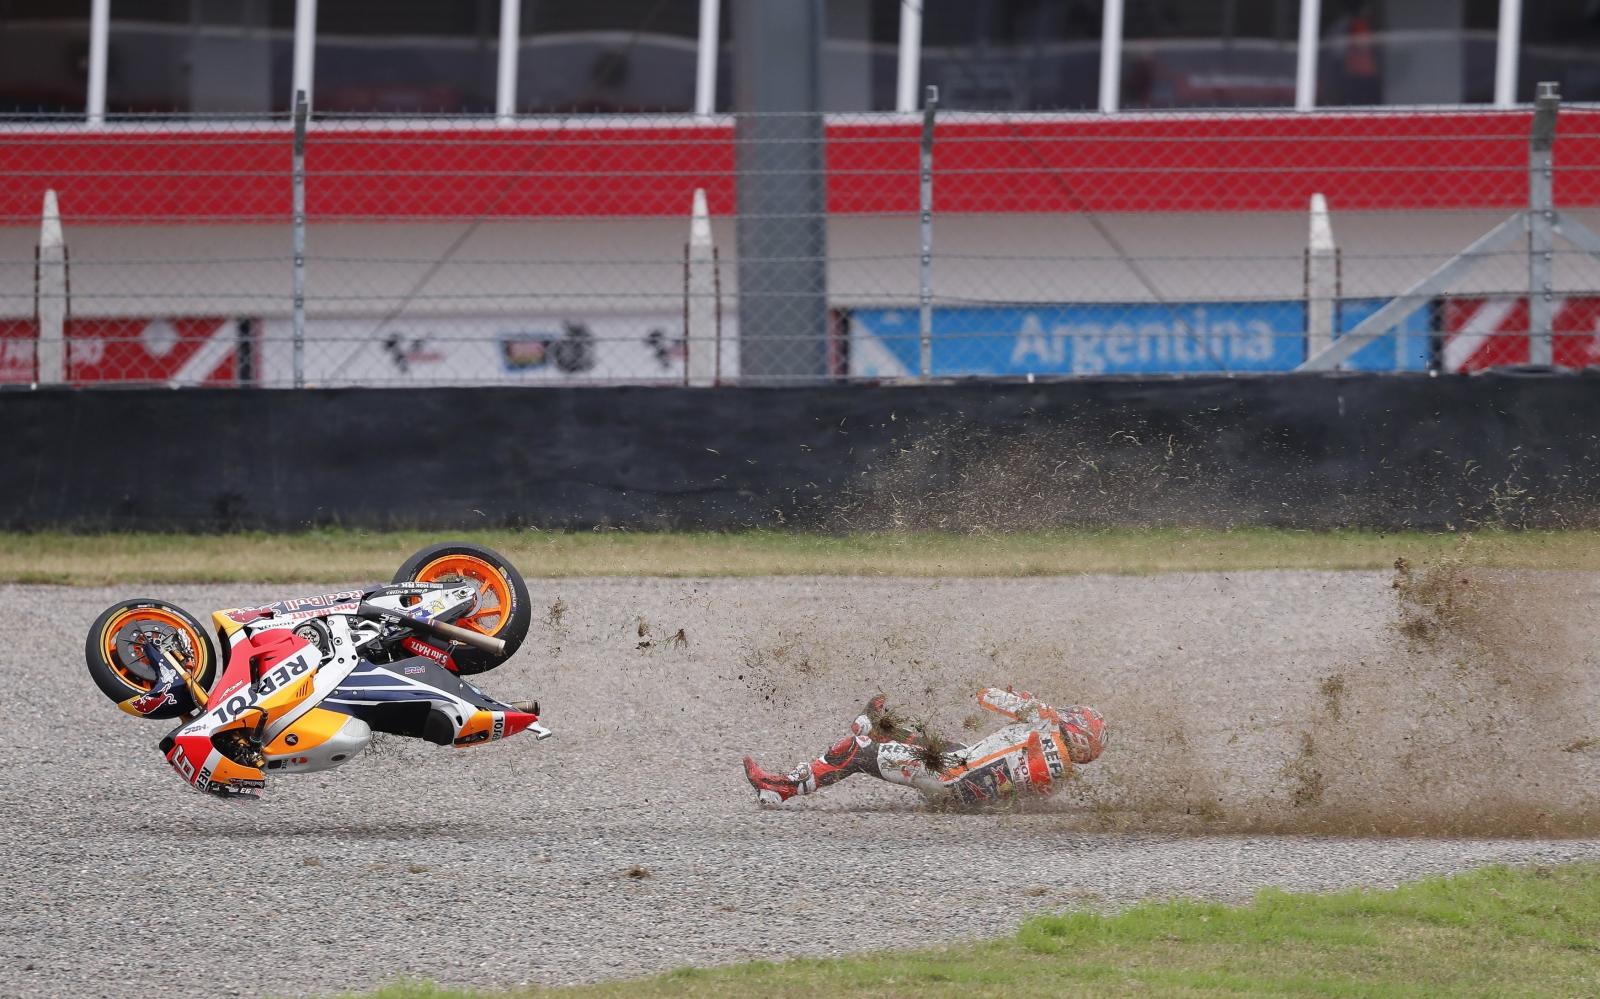 Upadek hiszpańskiego rajdowca Marca Marqueza w czasie Argentyńskiego Grand Prix Moto GP.